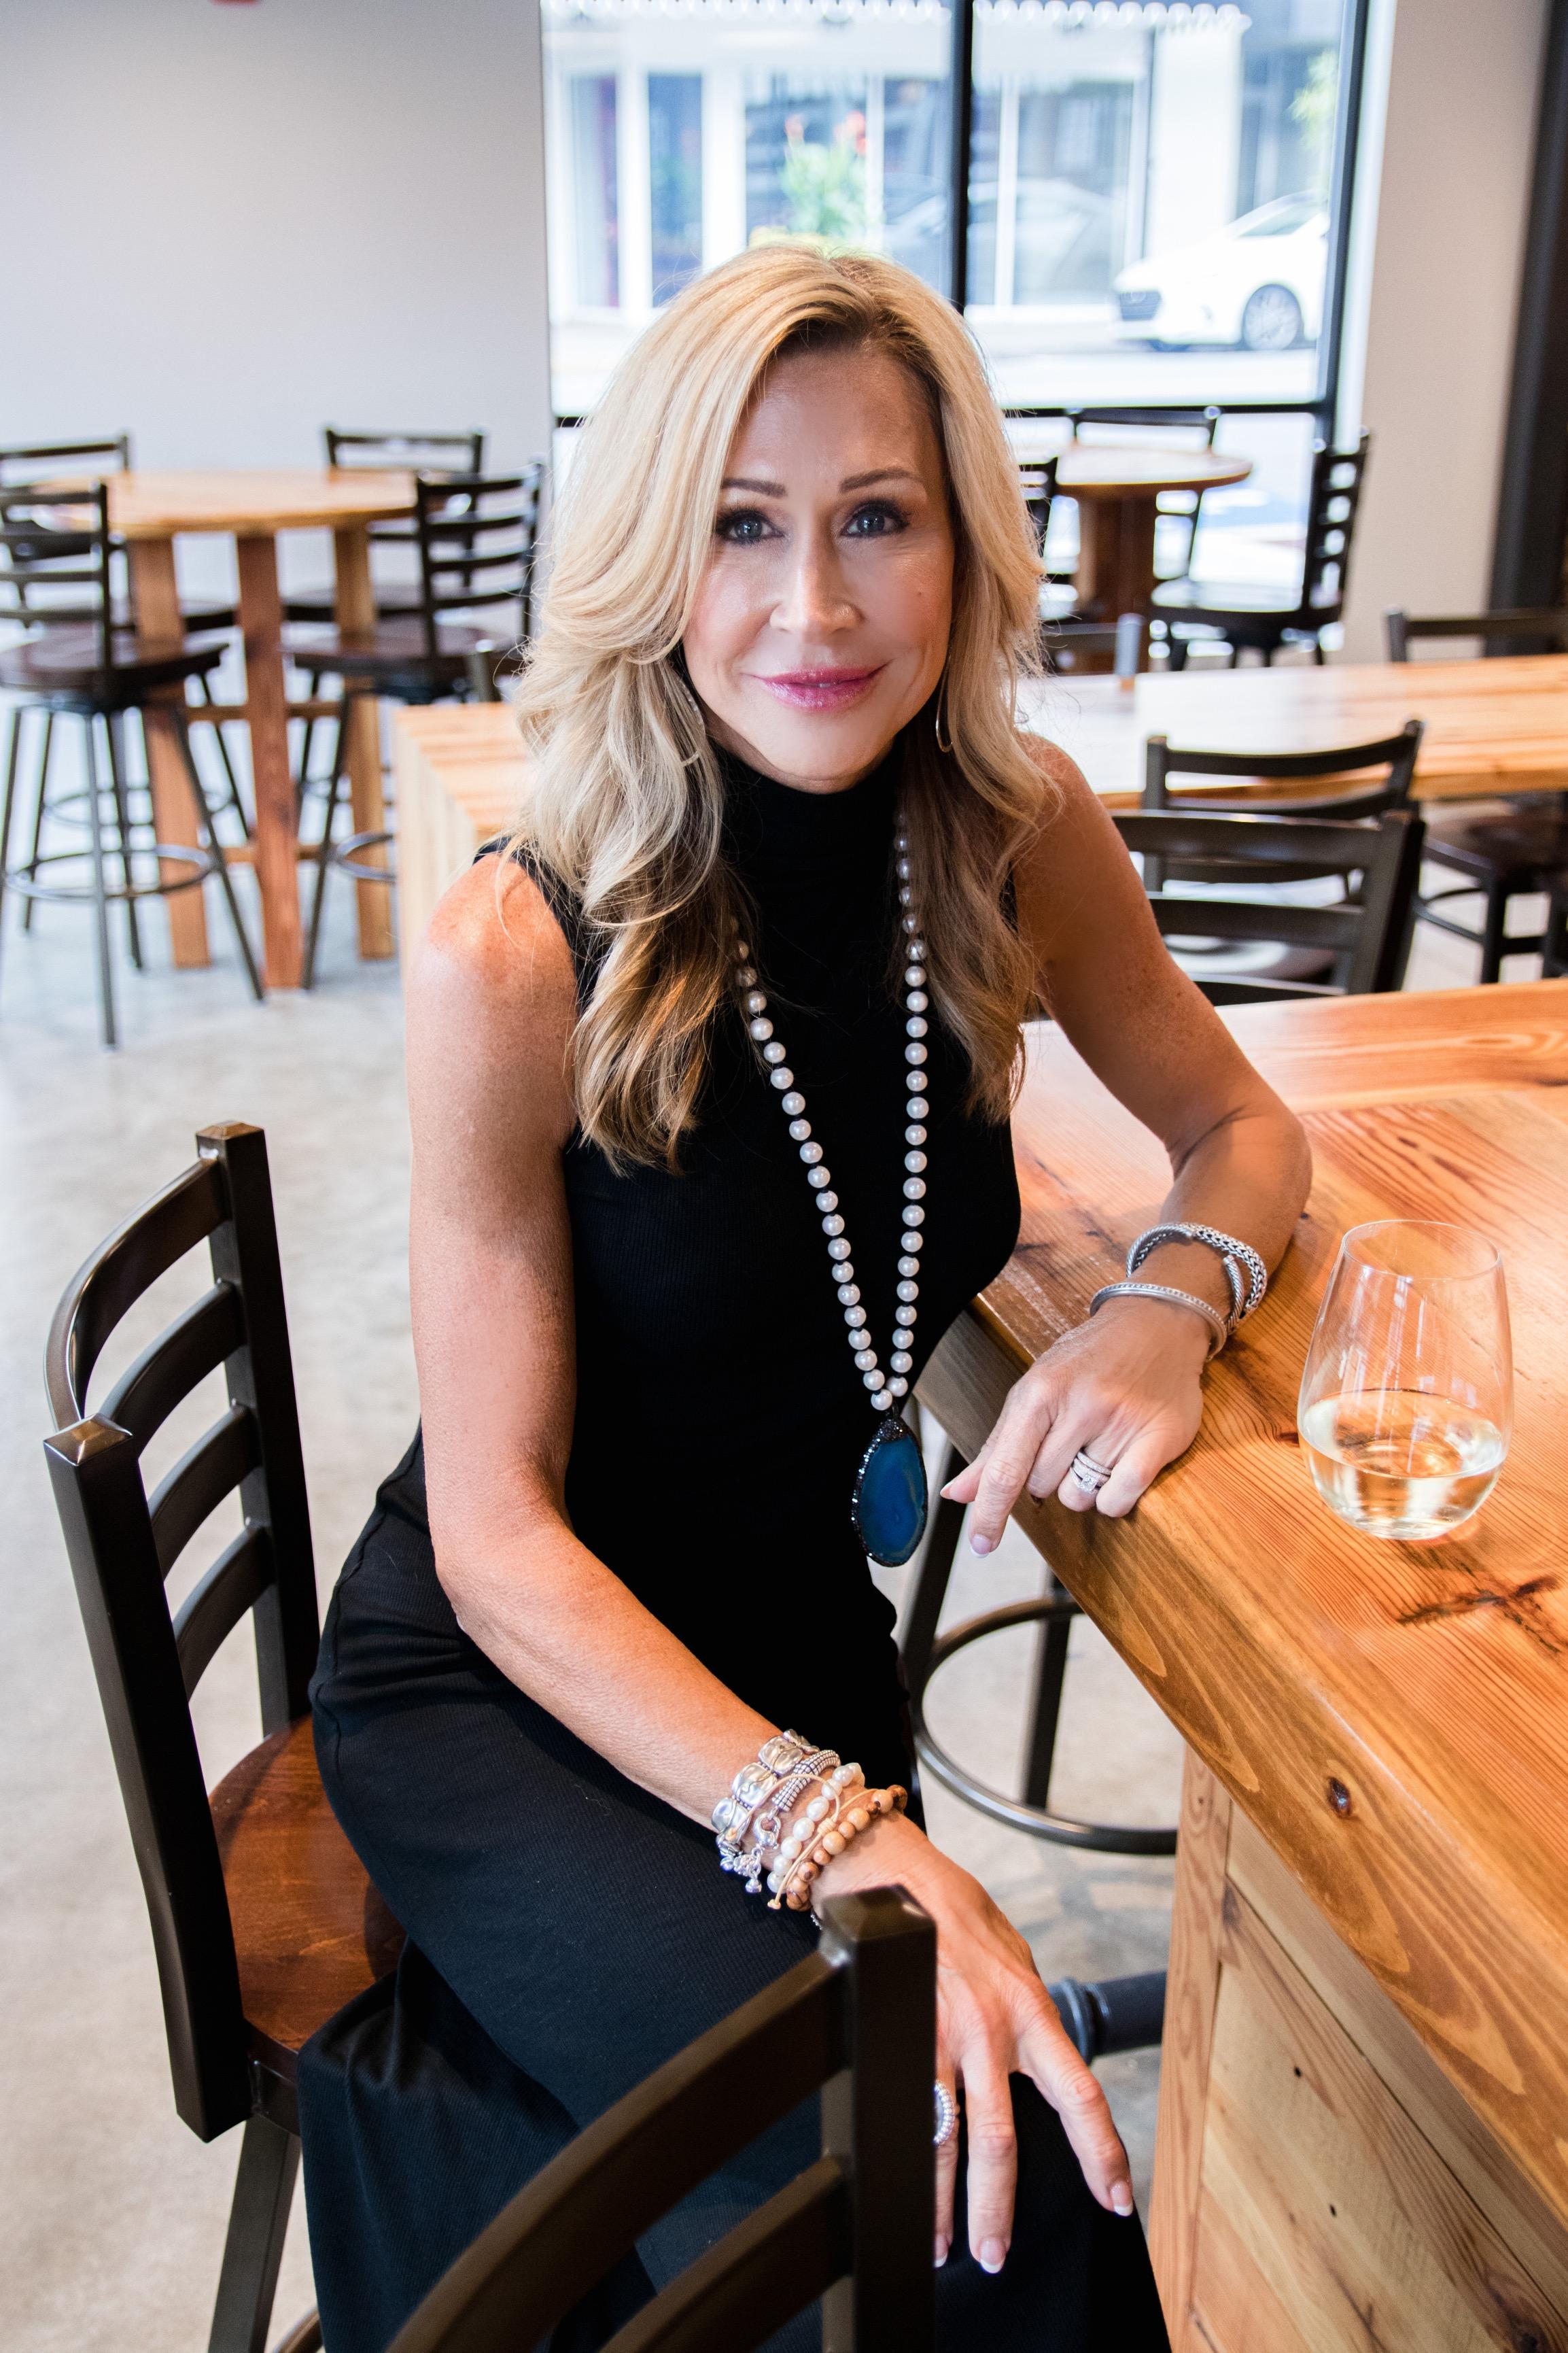 Black Target dress - Crazy Blonde Life